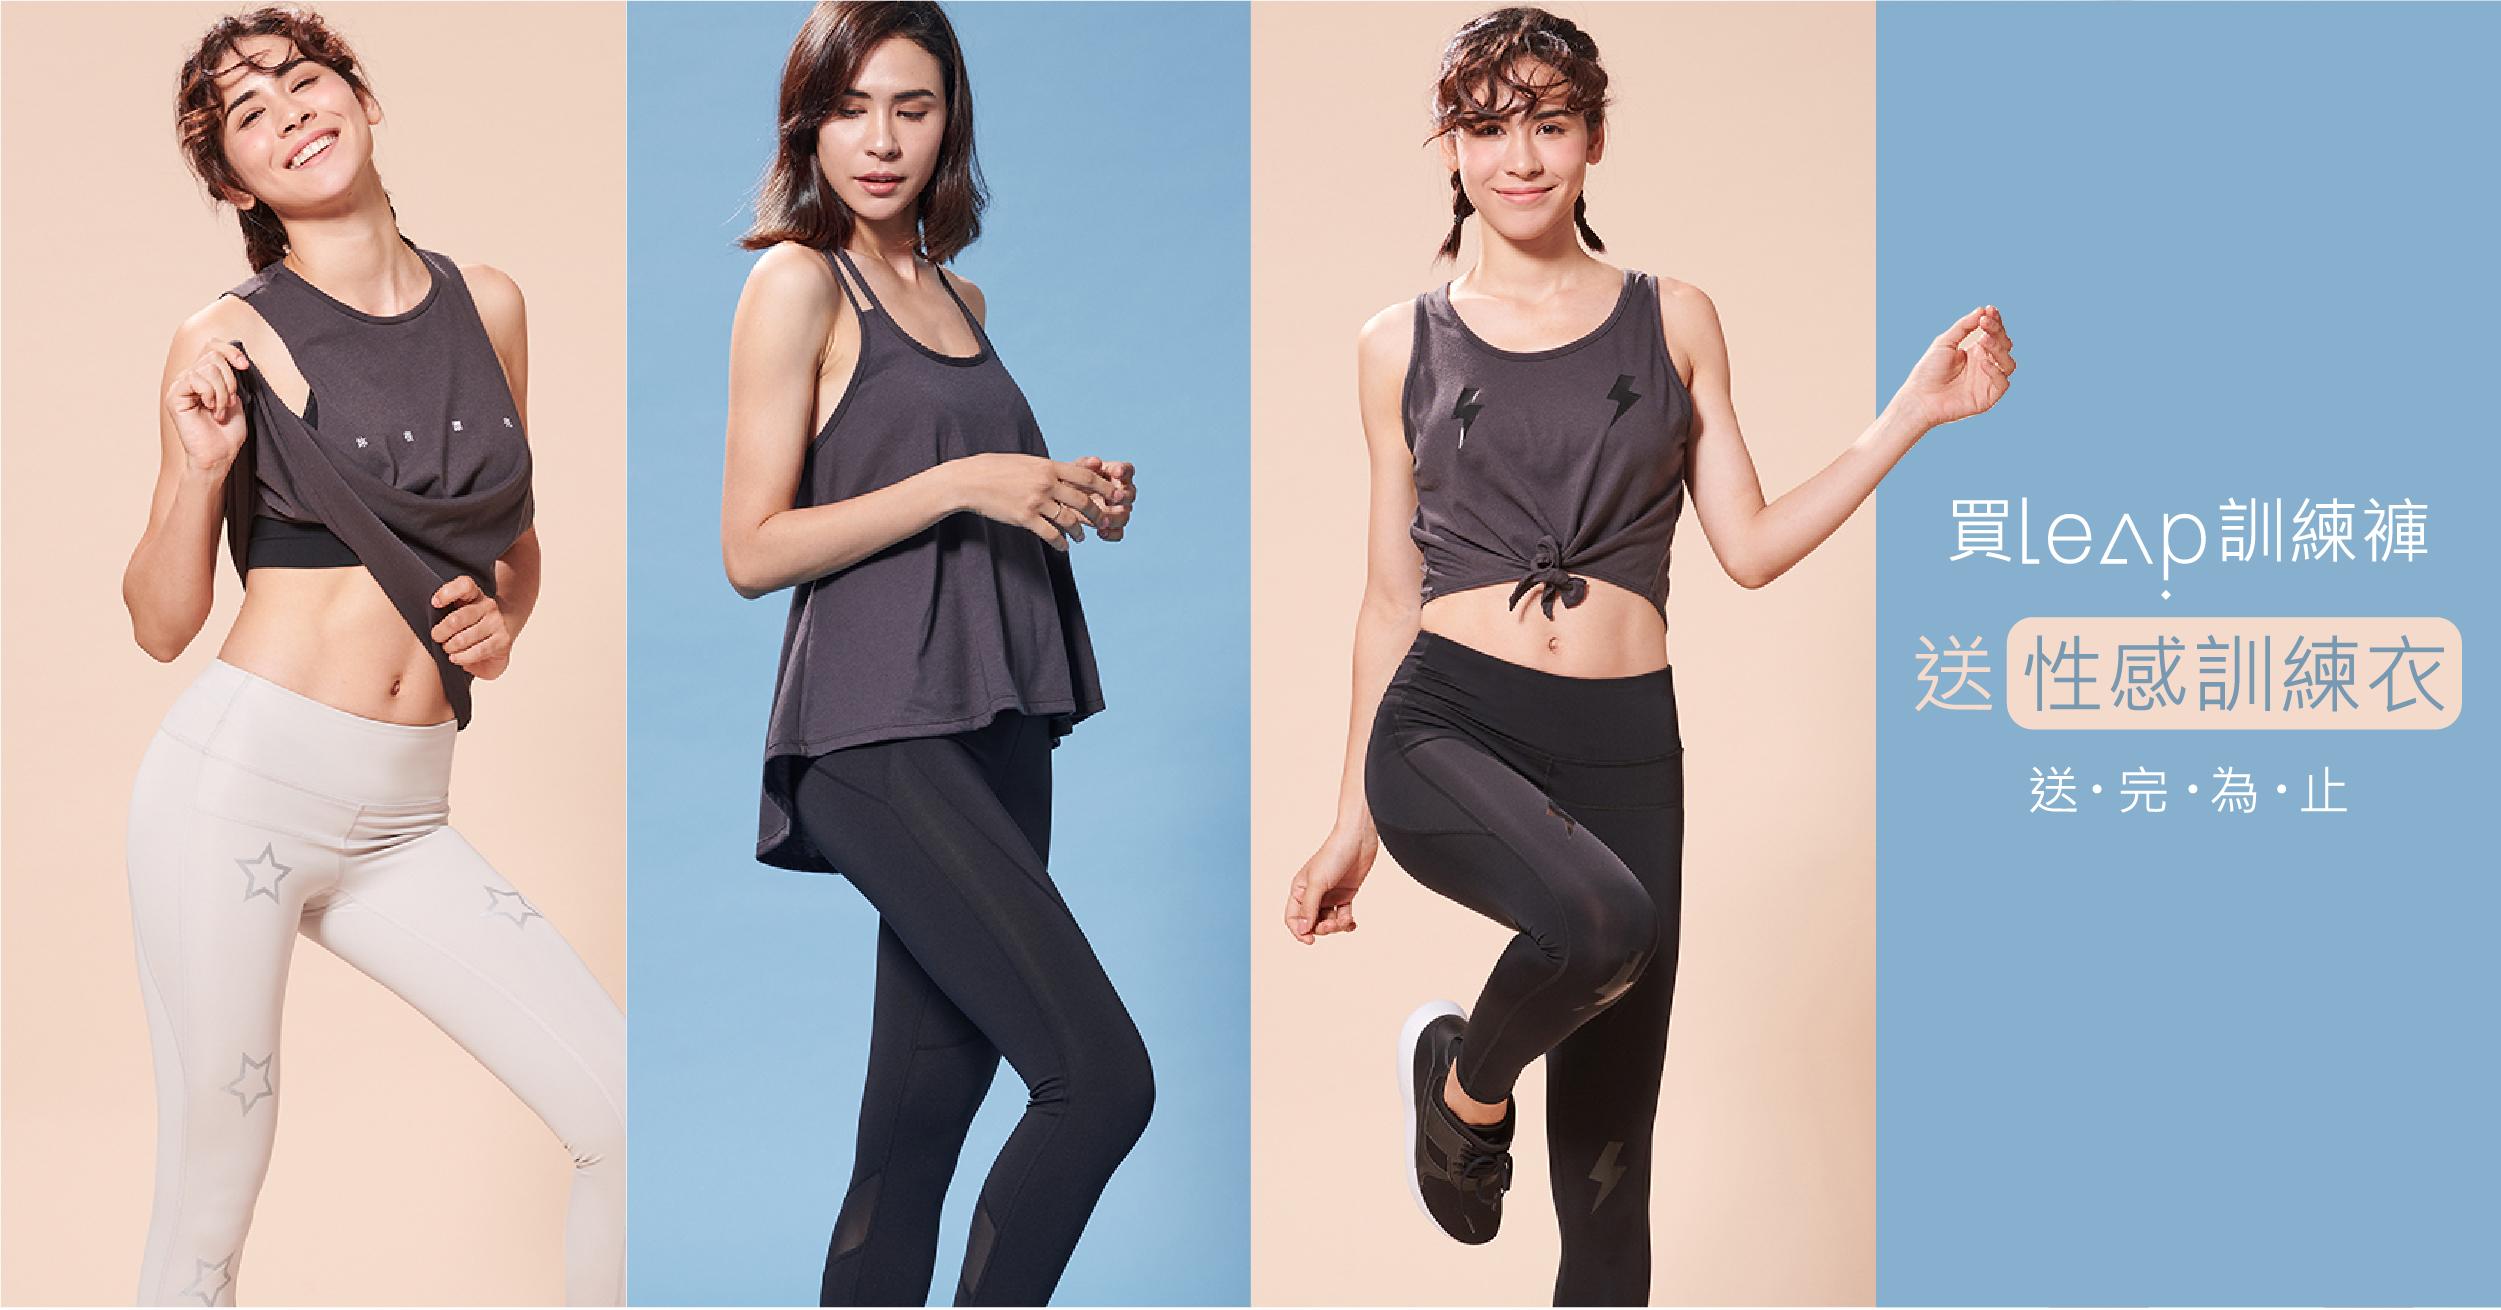 台灣 Leap美型機能衣